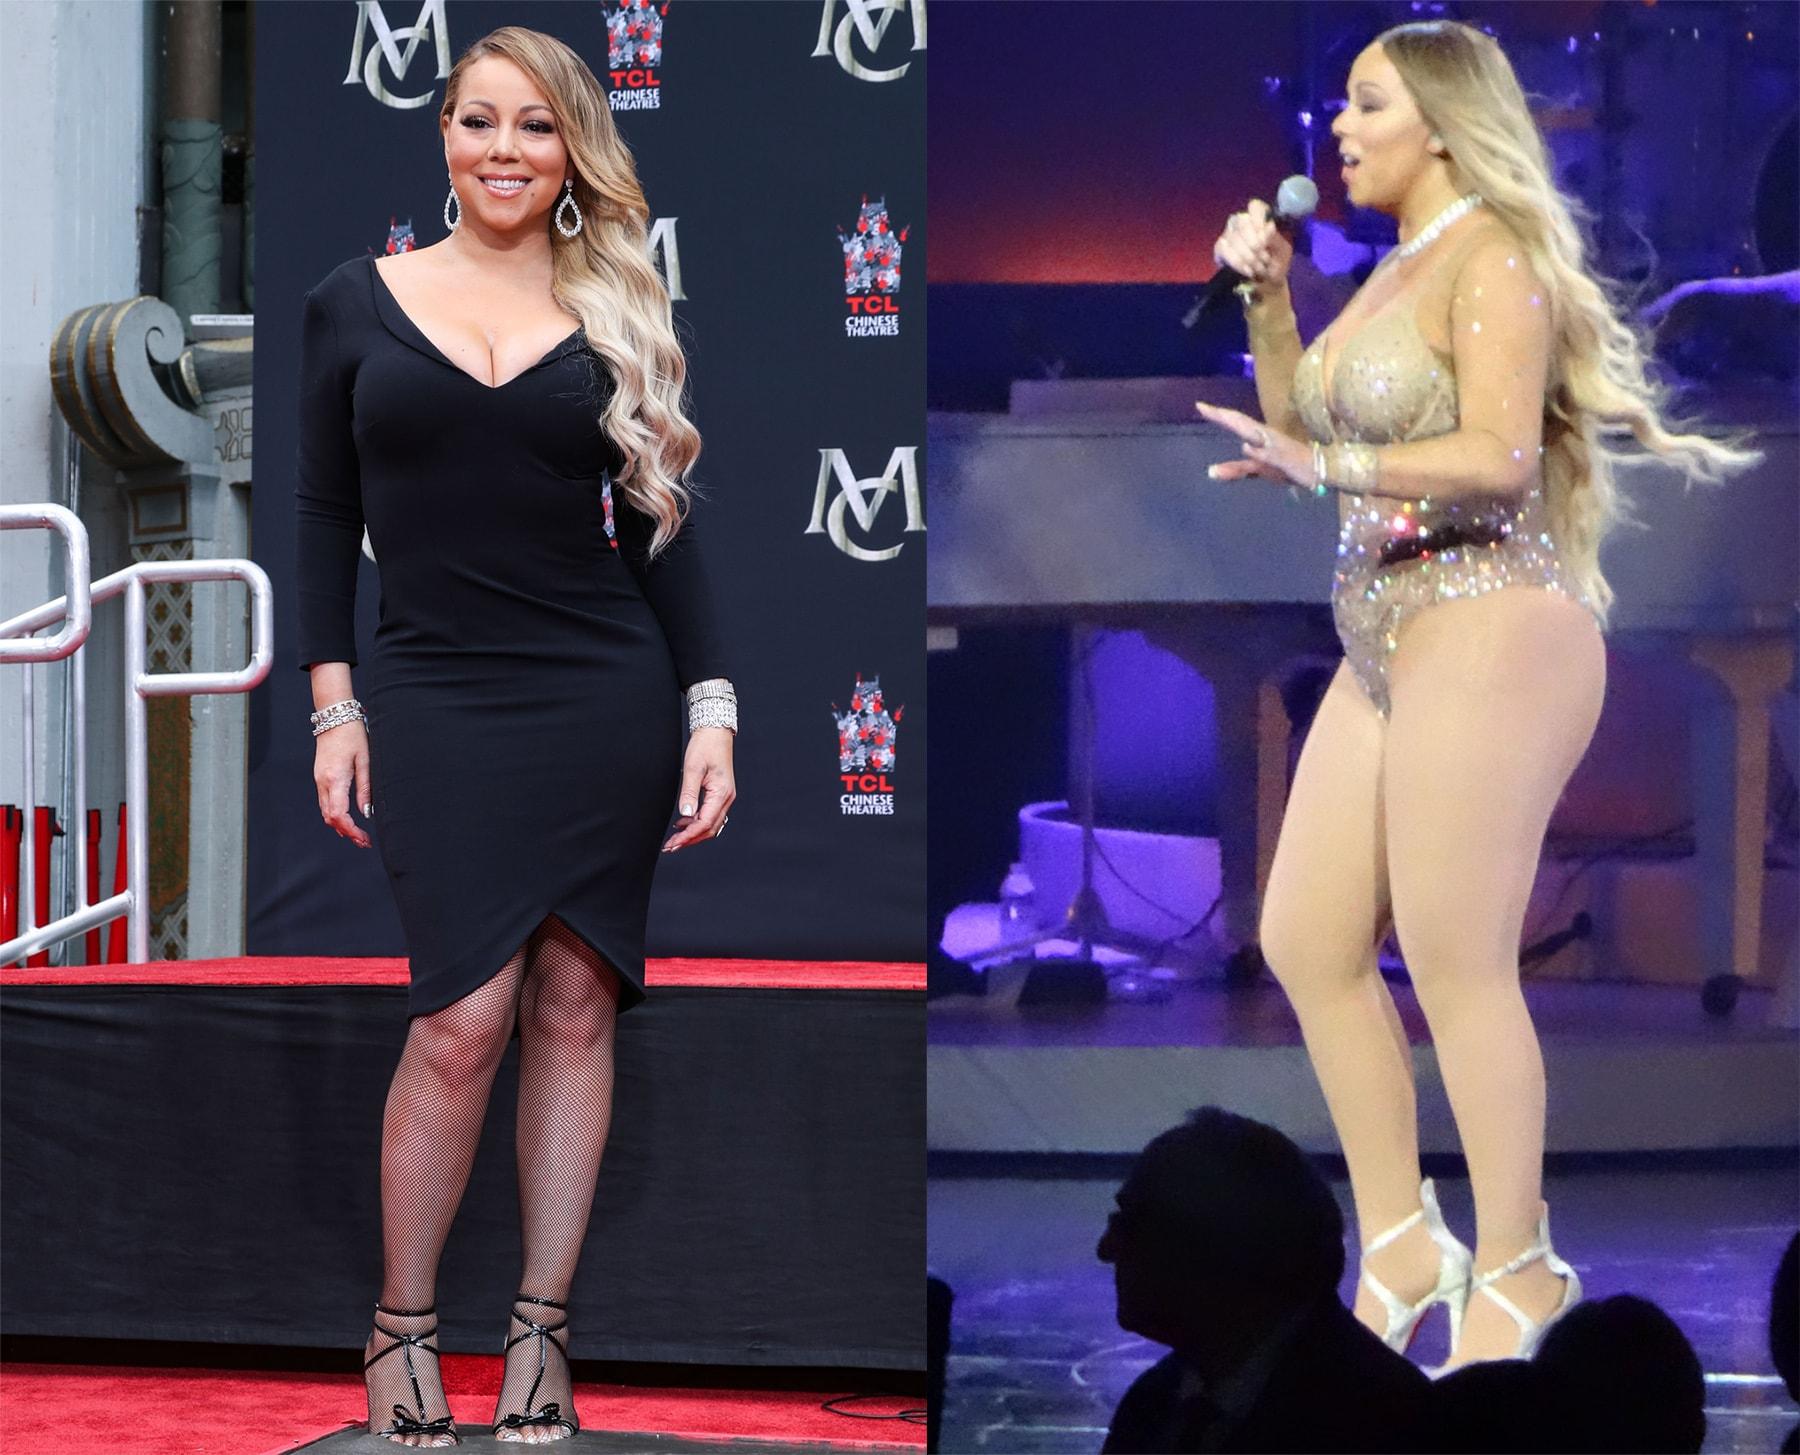 Ezzel az étrenddel fogyott 40 kilót Mariah Carey | kerepesiek.hu